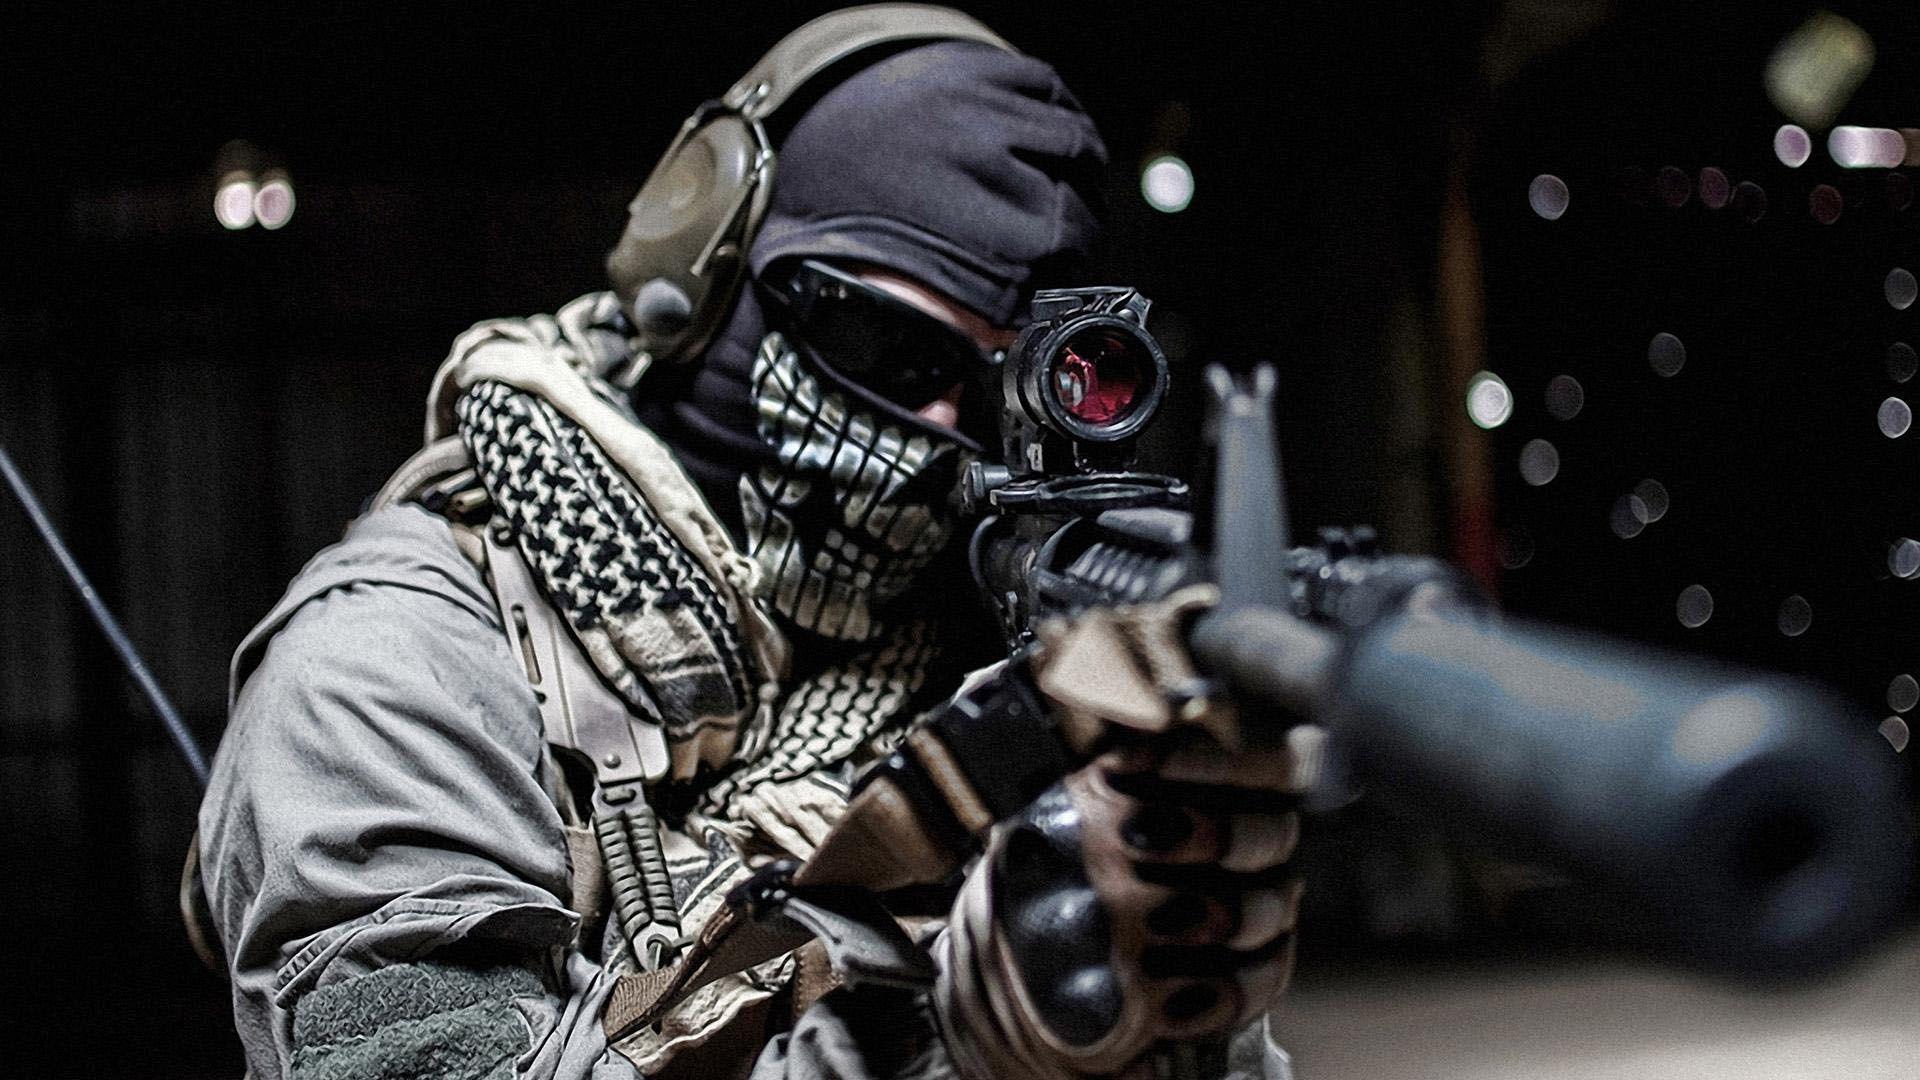 Cod Sniper Wallpaper Wallpapersafari Call Of Duty Ghosts Call Of Duty Call Of Duty Black